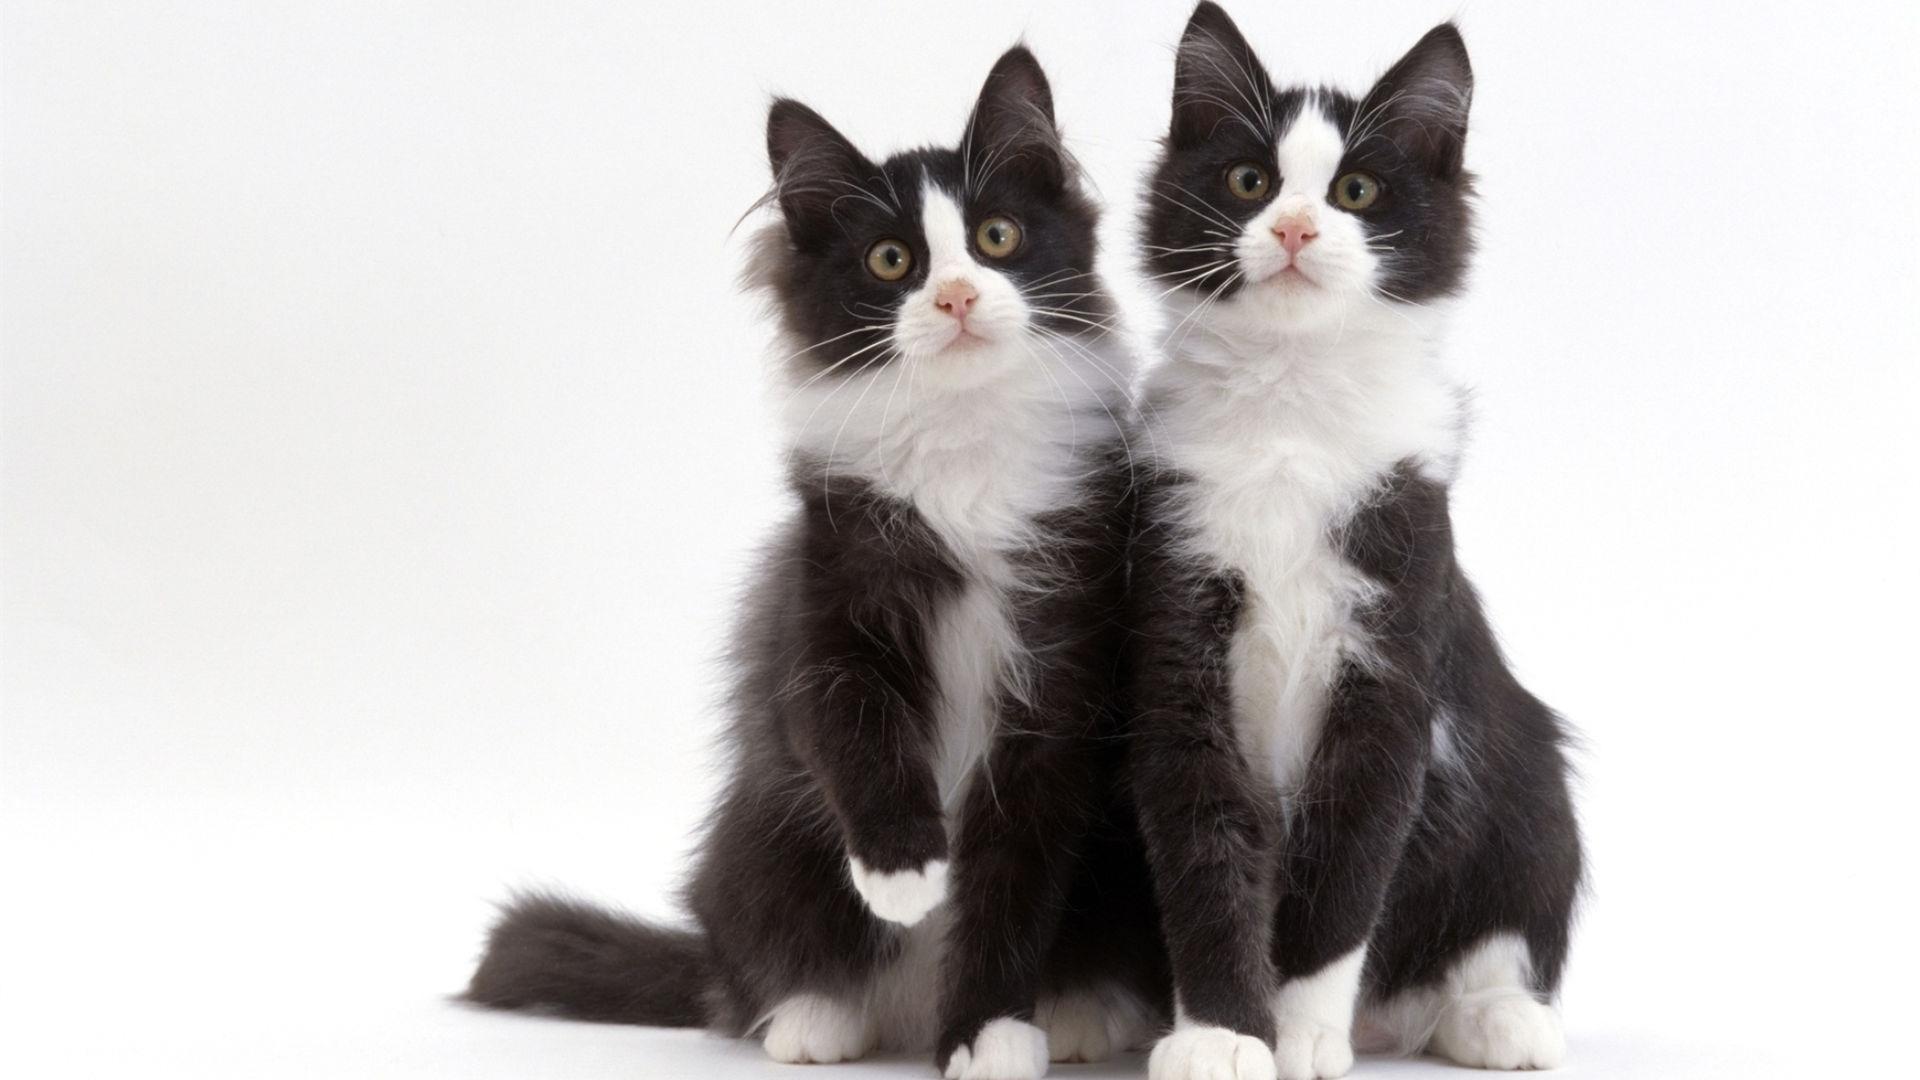 черный и белый котята на столе картинка земле девушку находит